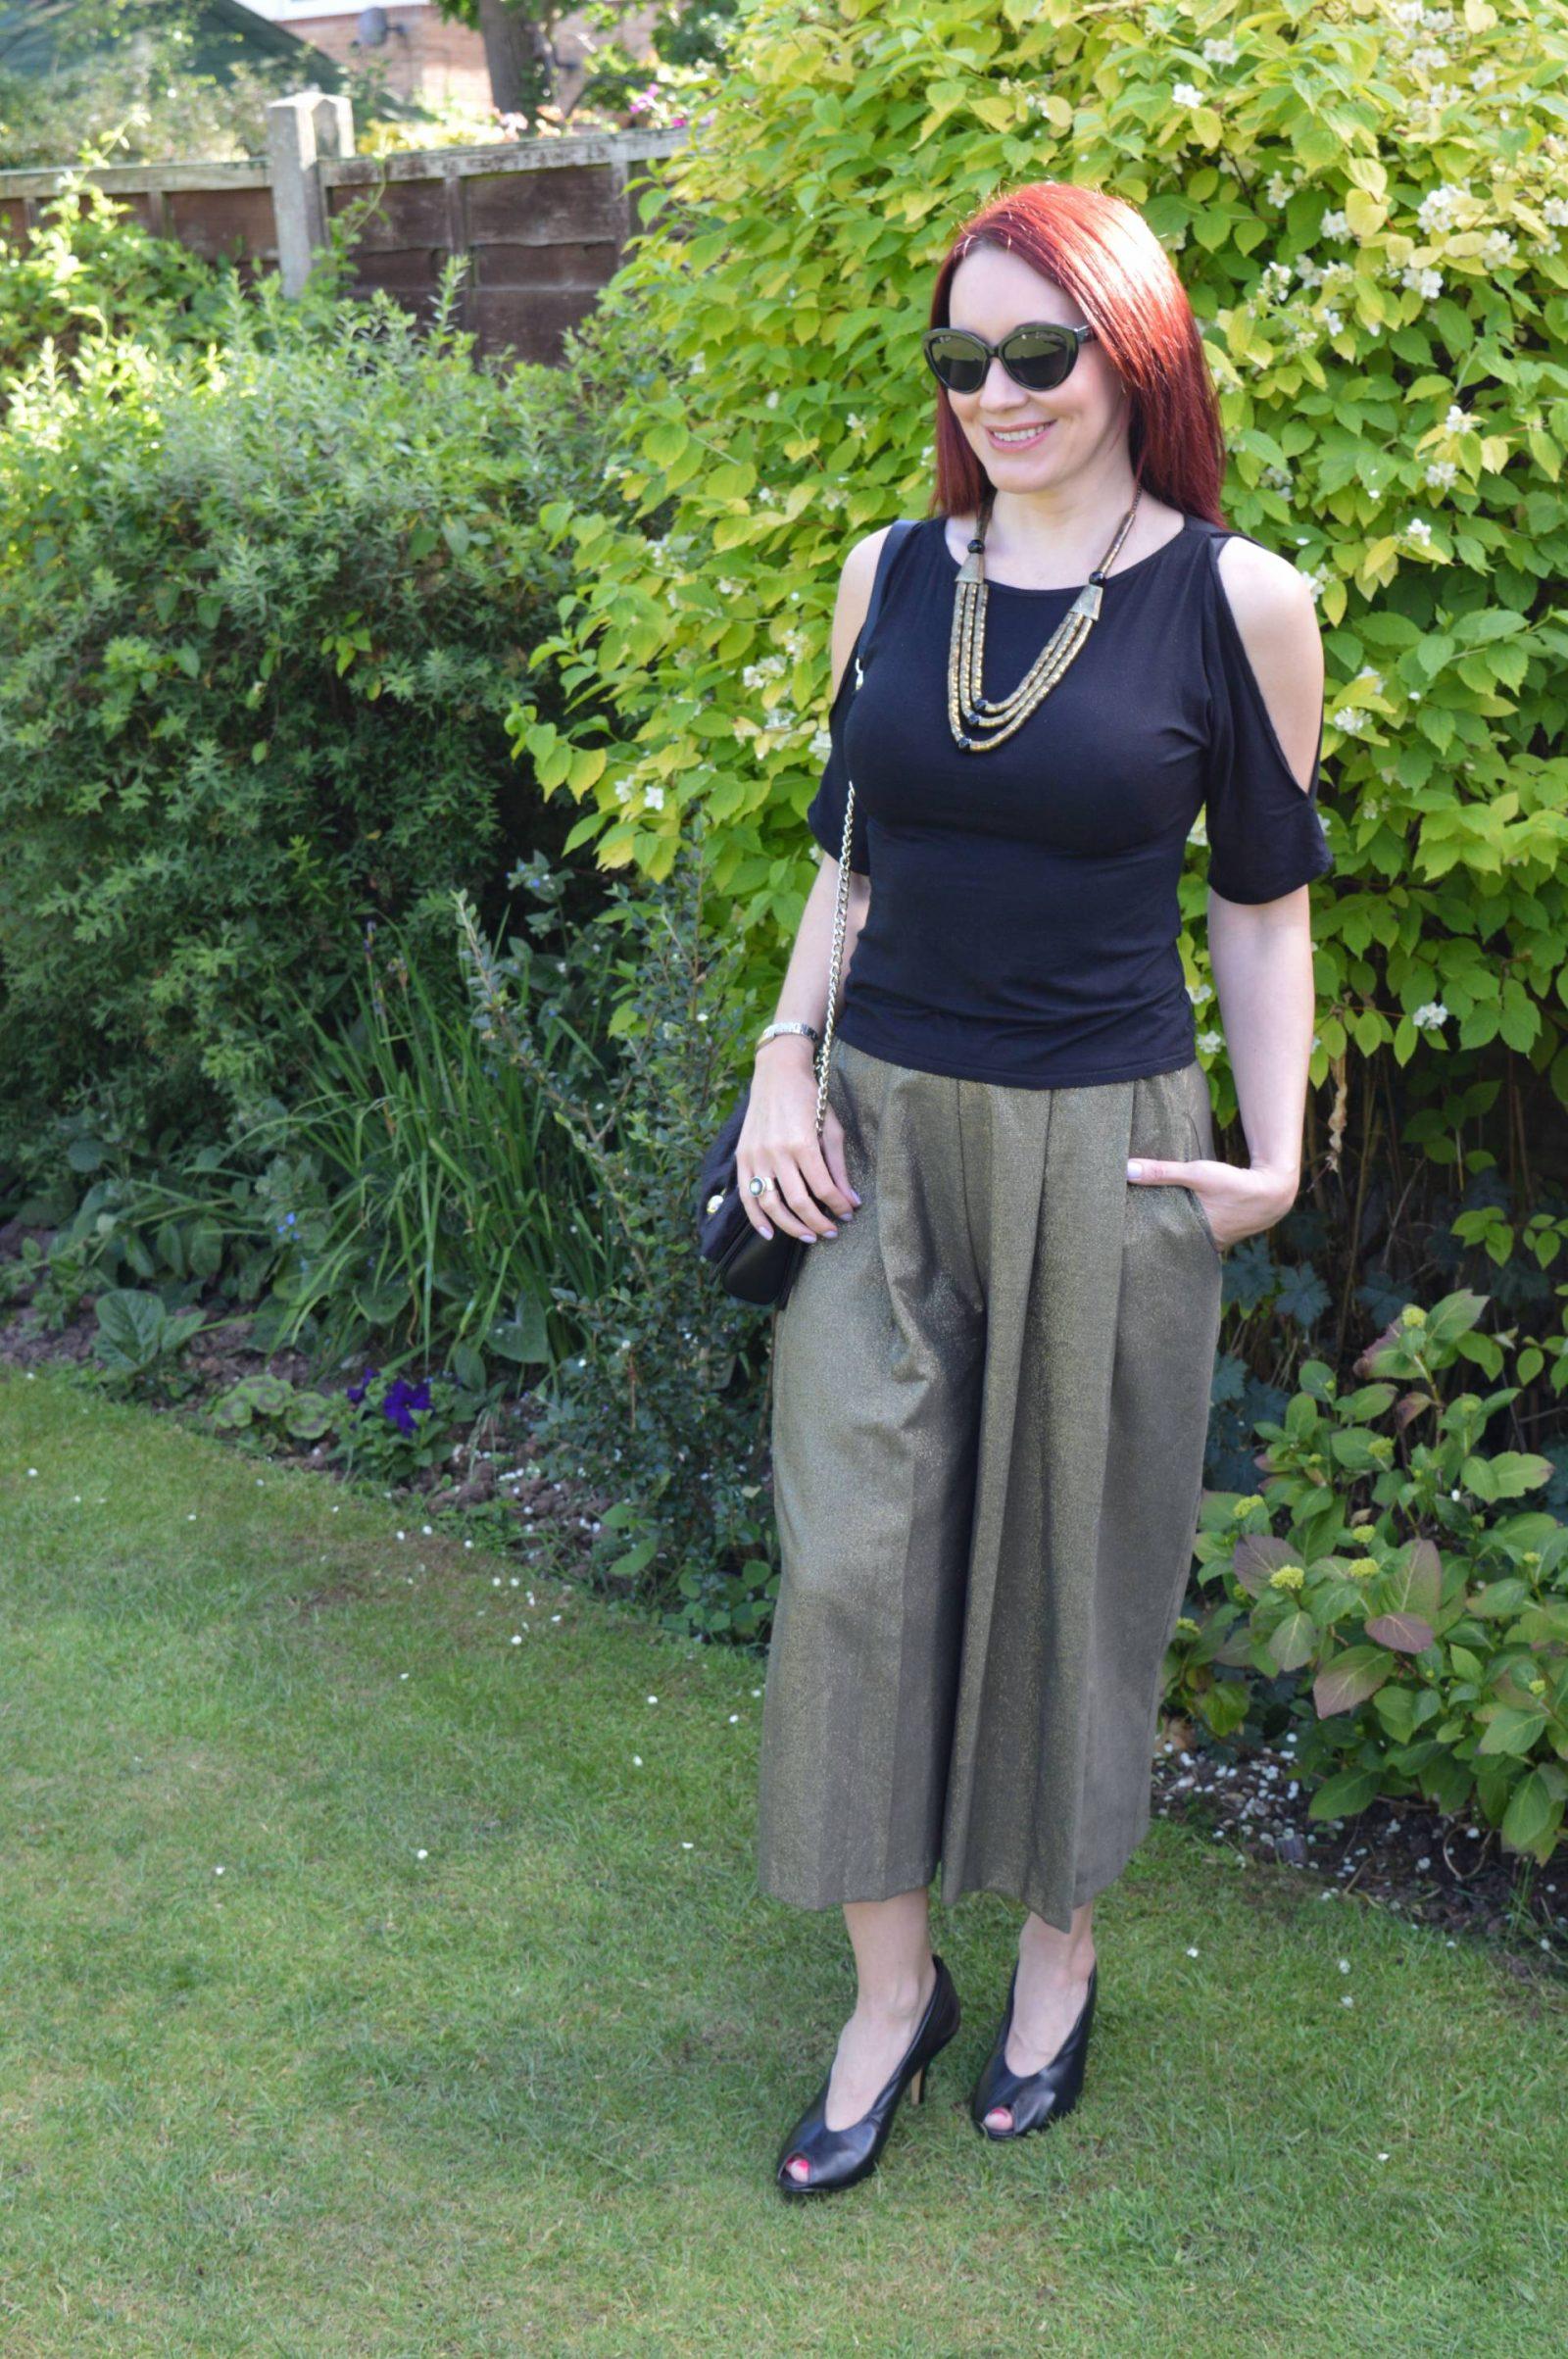 Zara khaki Metallic Culottes and cold shoulder top